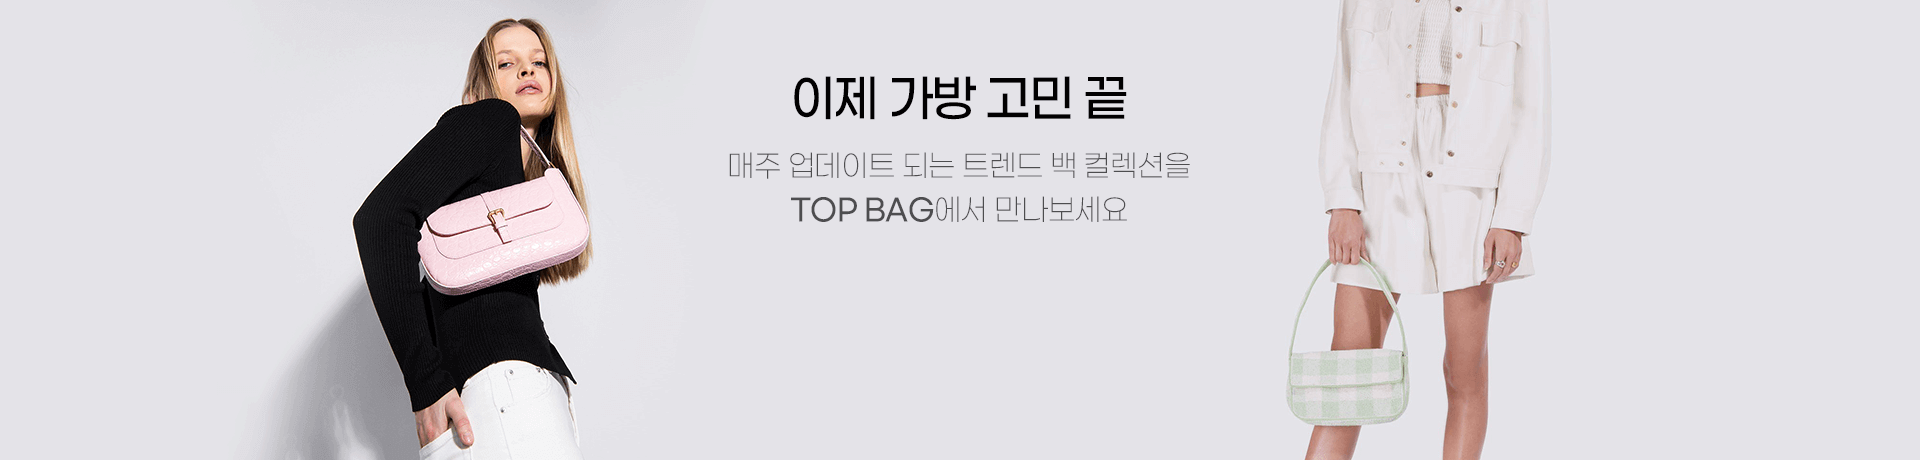 210413_sy_topbag_bagcollection_pc_e4e3e8